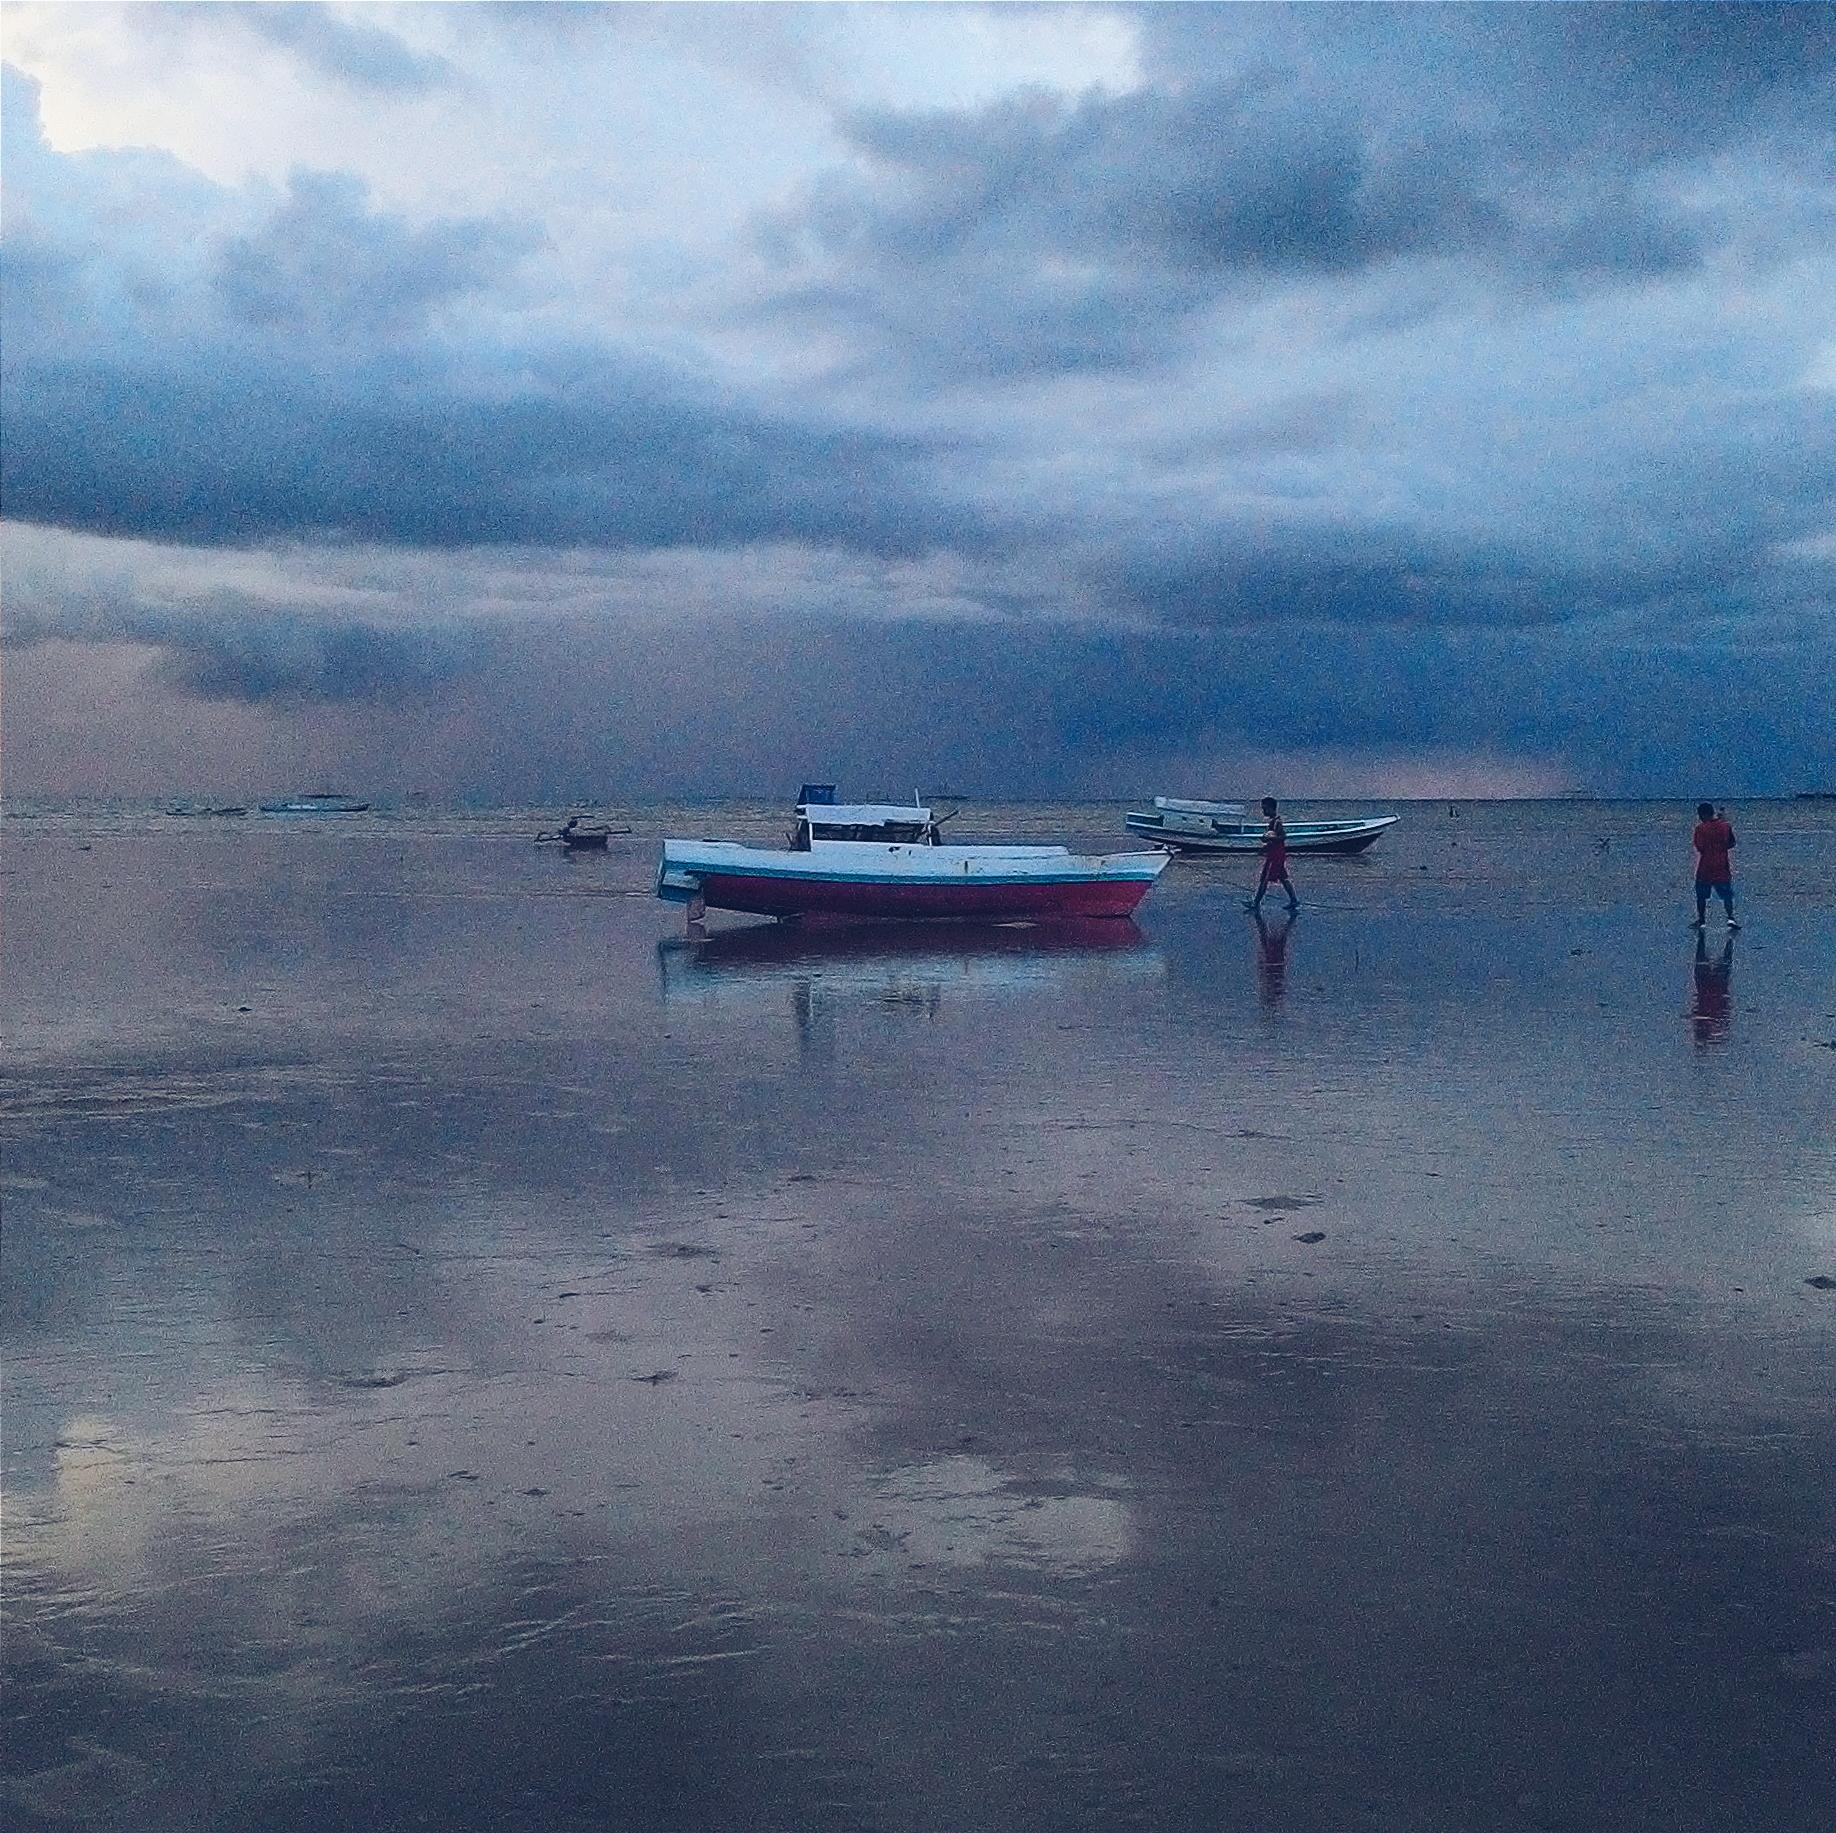 Dua Pantai Tetangga Duc Altum Pemandangan Ajaib Nunsui Ketika Surut